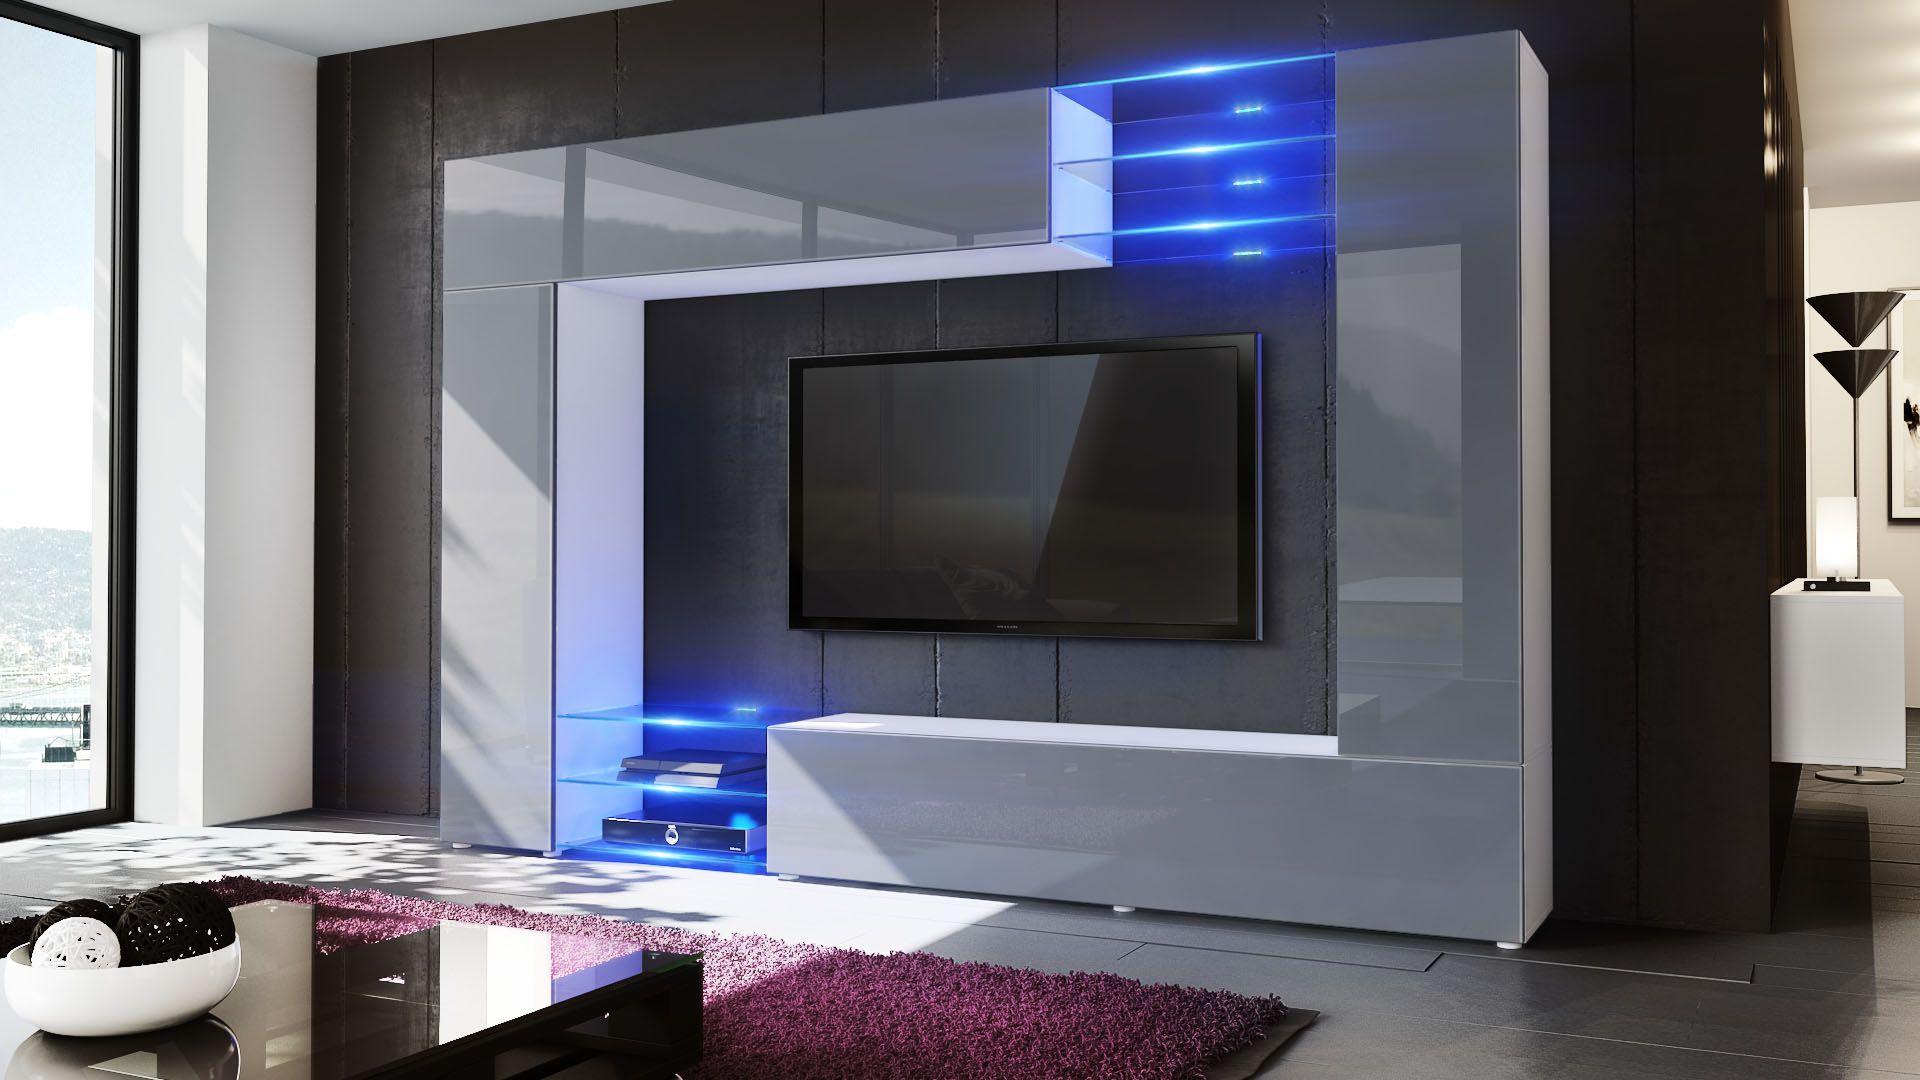 Mirage Wohnwand Einzigartiges Design Mit Hochglanzfronten Und Optionaler Led Beleuchtung Fernbedienung Von Vladon De Wohnwand Wohnen Wohnzimmermobel Modern